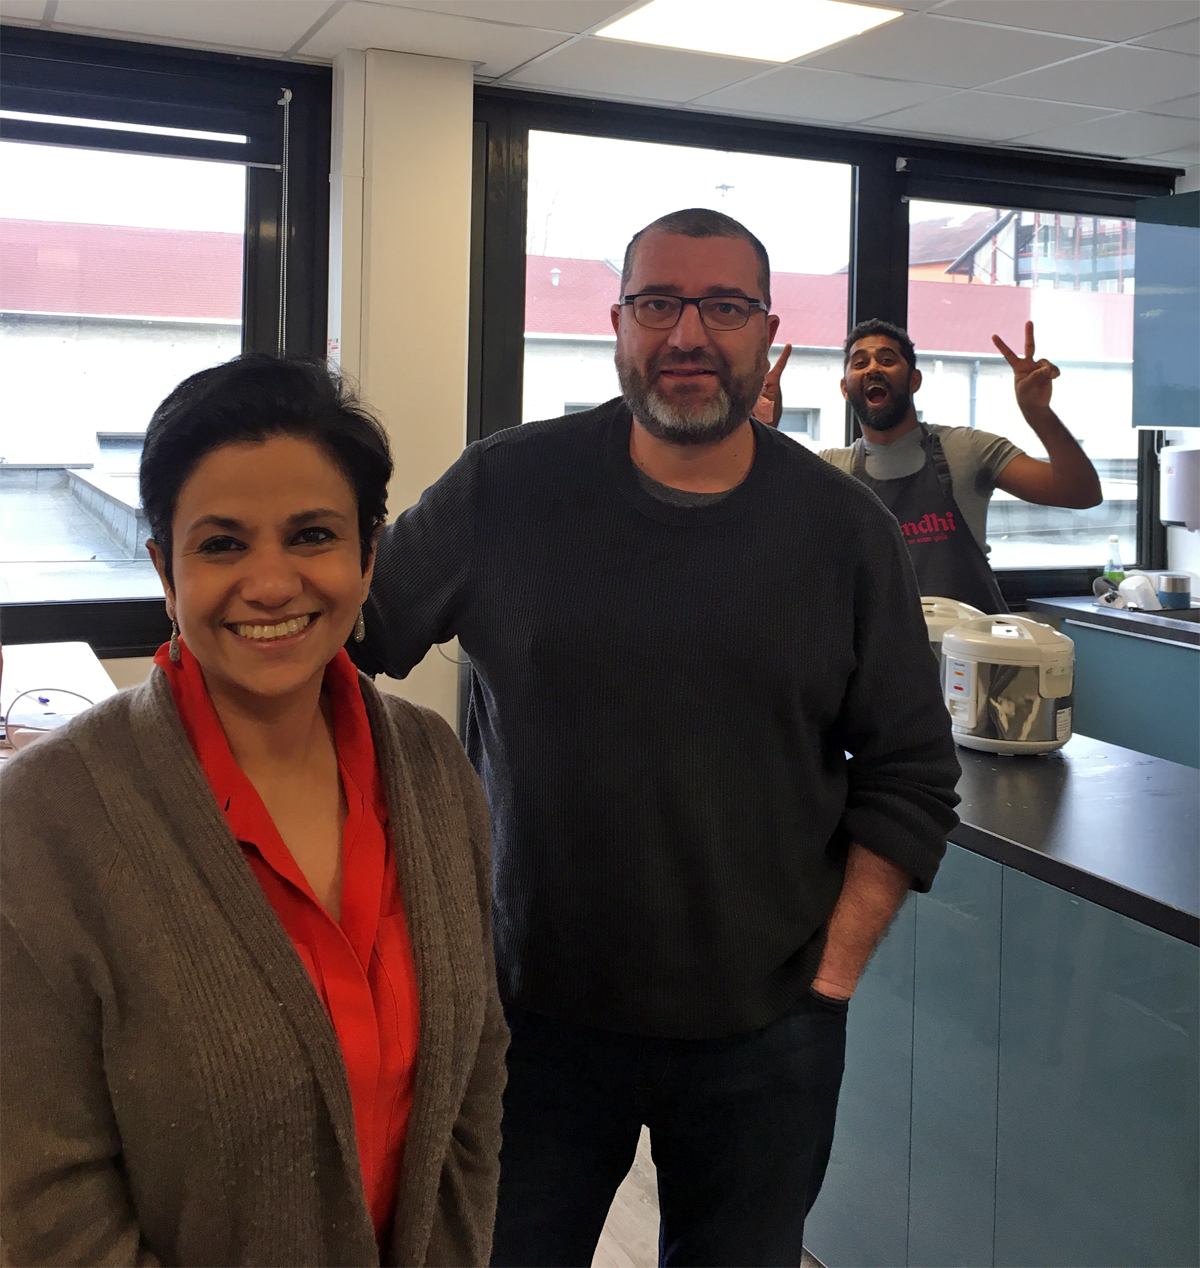 Teaser - Point de vue de Beena Paradin, fondatrice de Beendi, sur l'alimentation positive